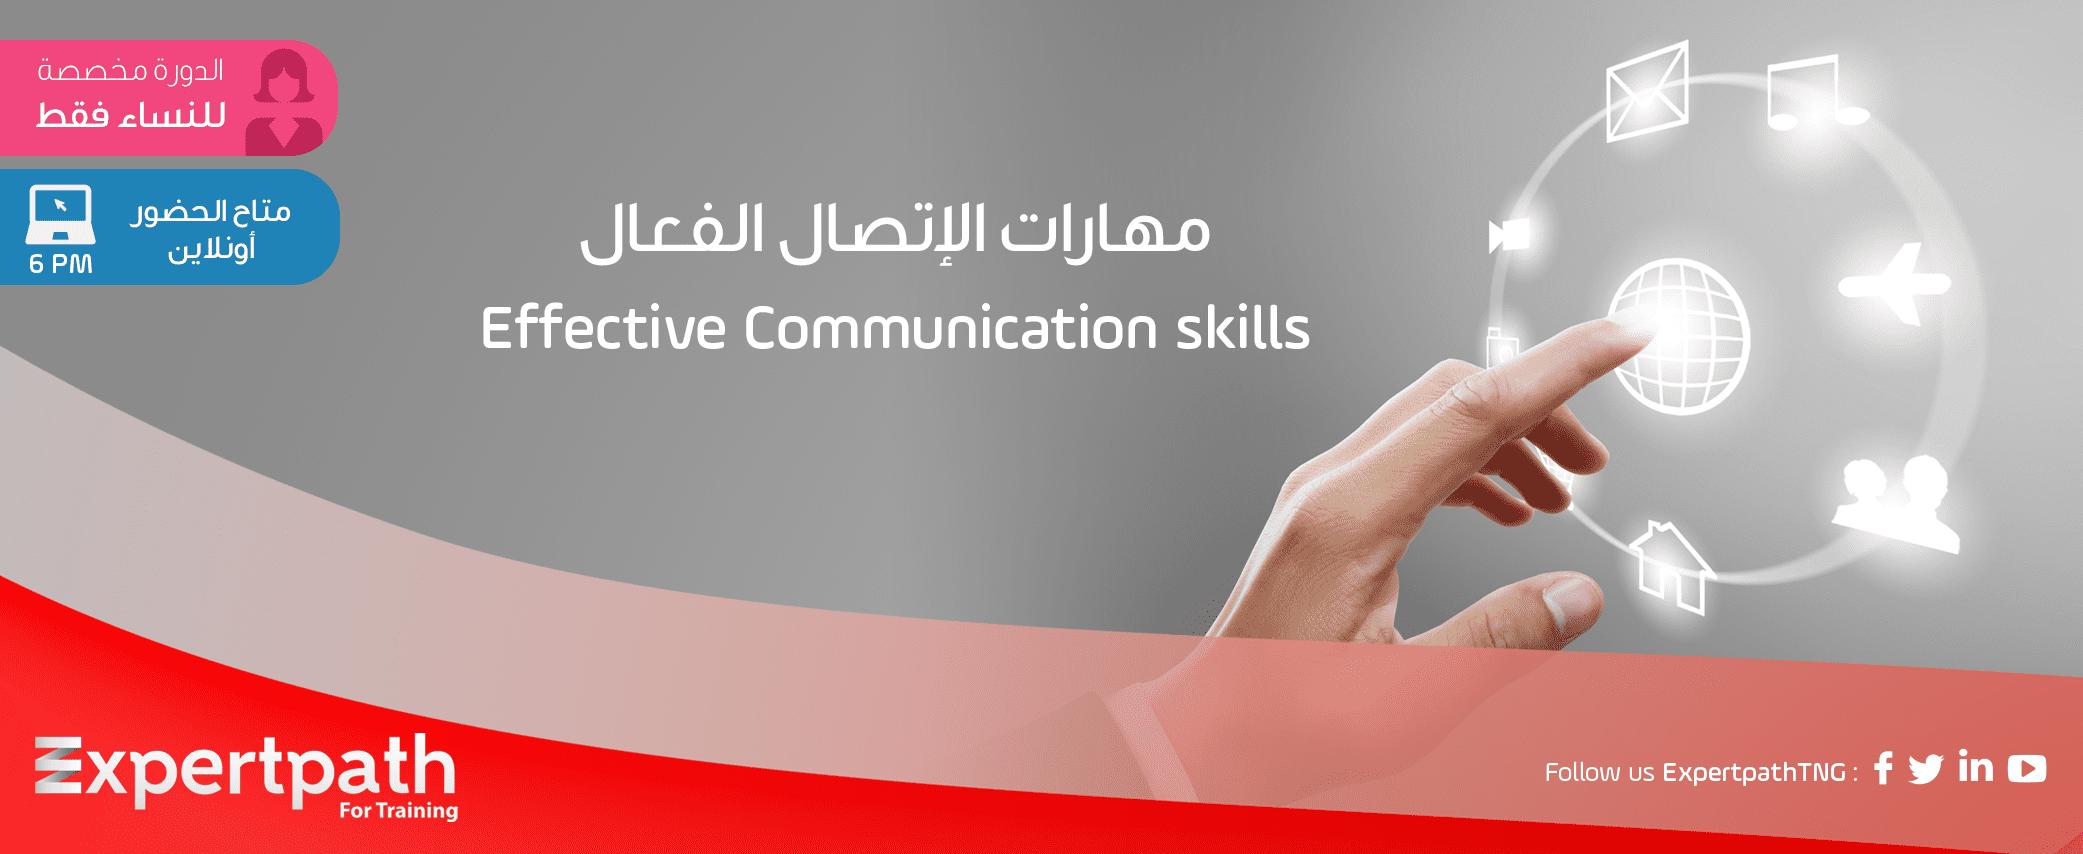 دورة مهارات الاتصال الفعال مسار الخبراء للاستشارات